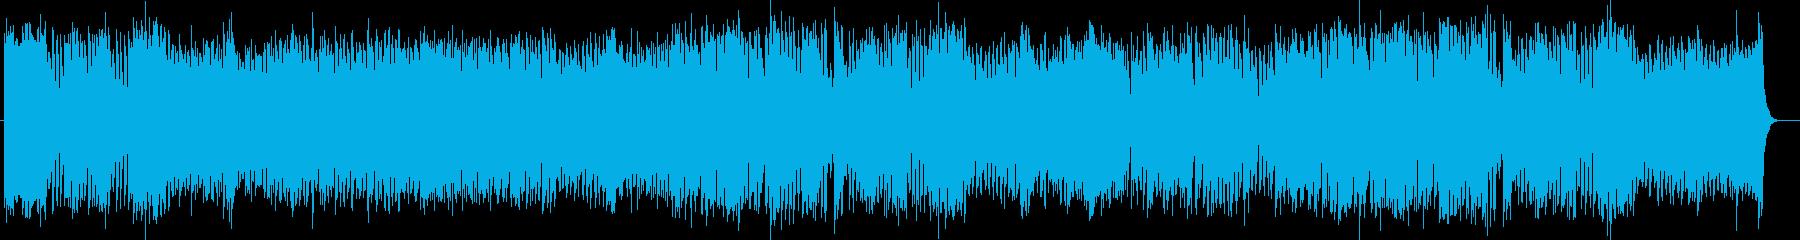 元気で勢いのあるシンセポップスの再生済みの波形